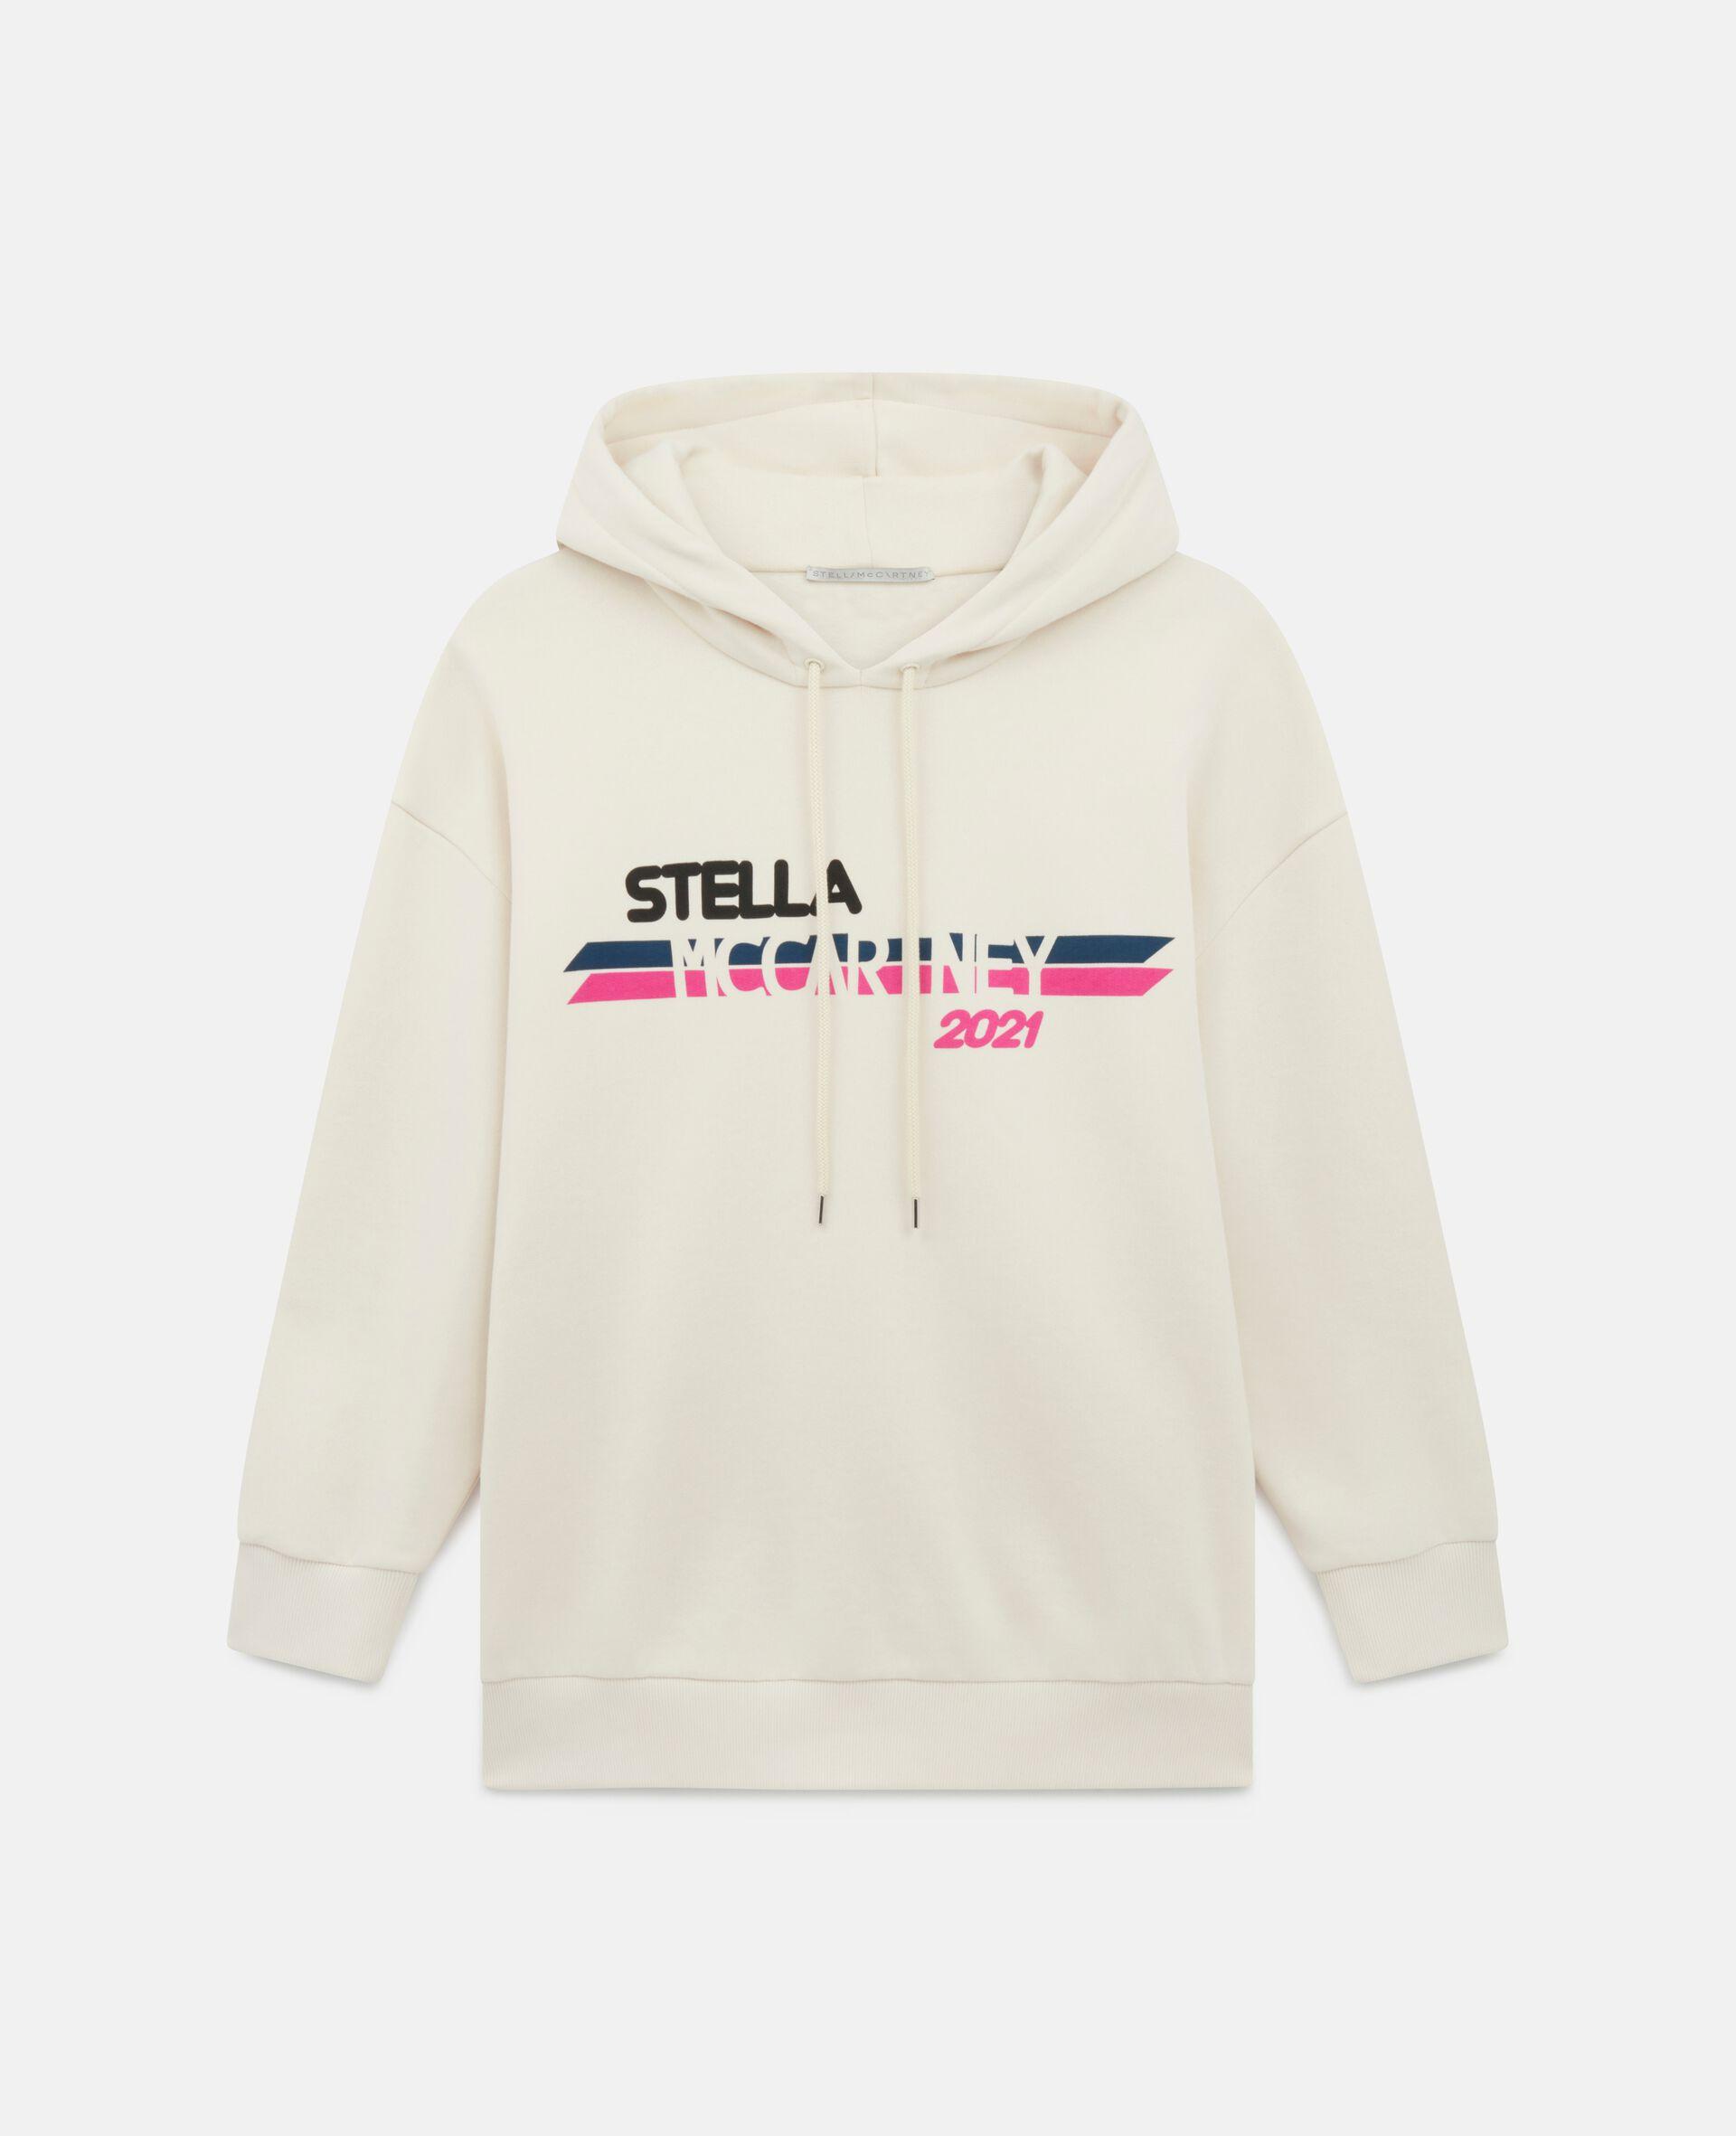 Stella McCartney 2021 Kapuzenpullover mit Logo-Weiß-large image number 0